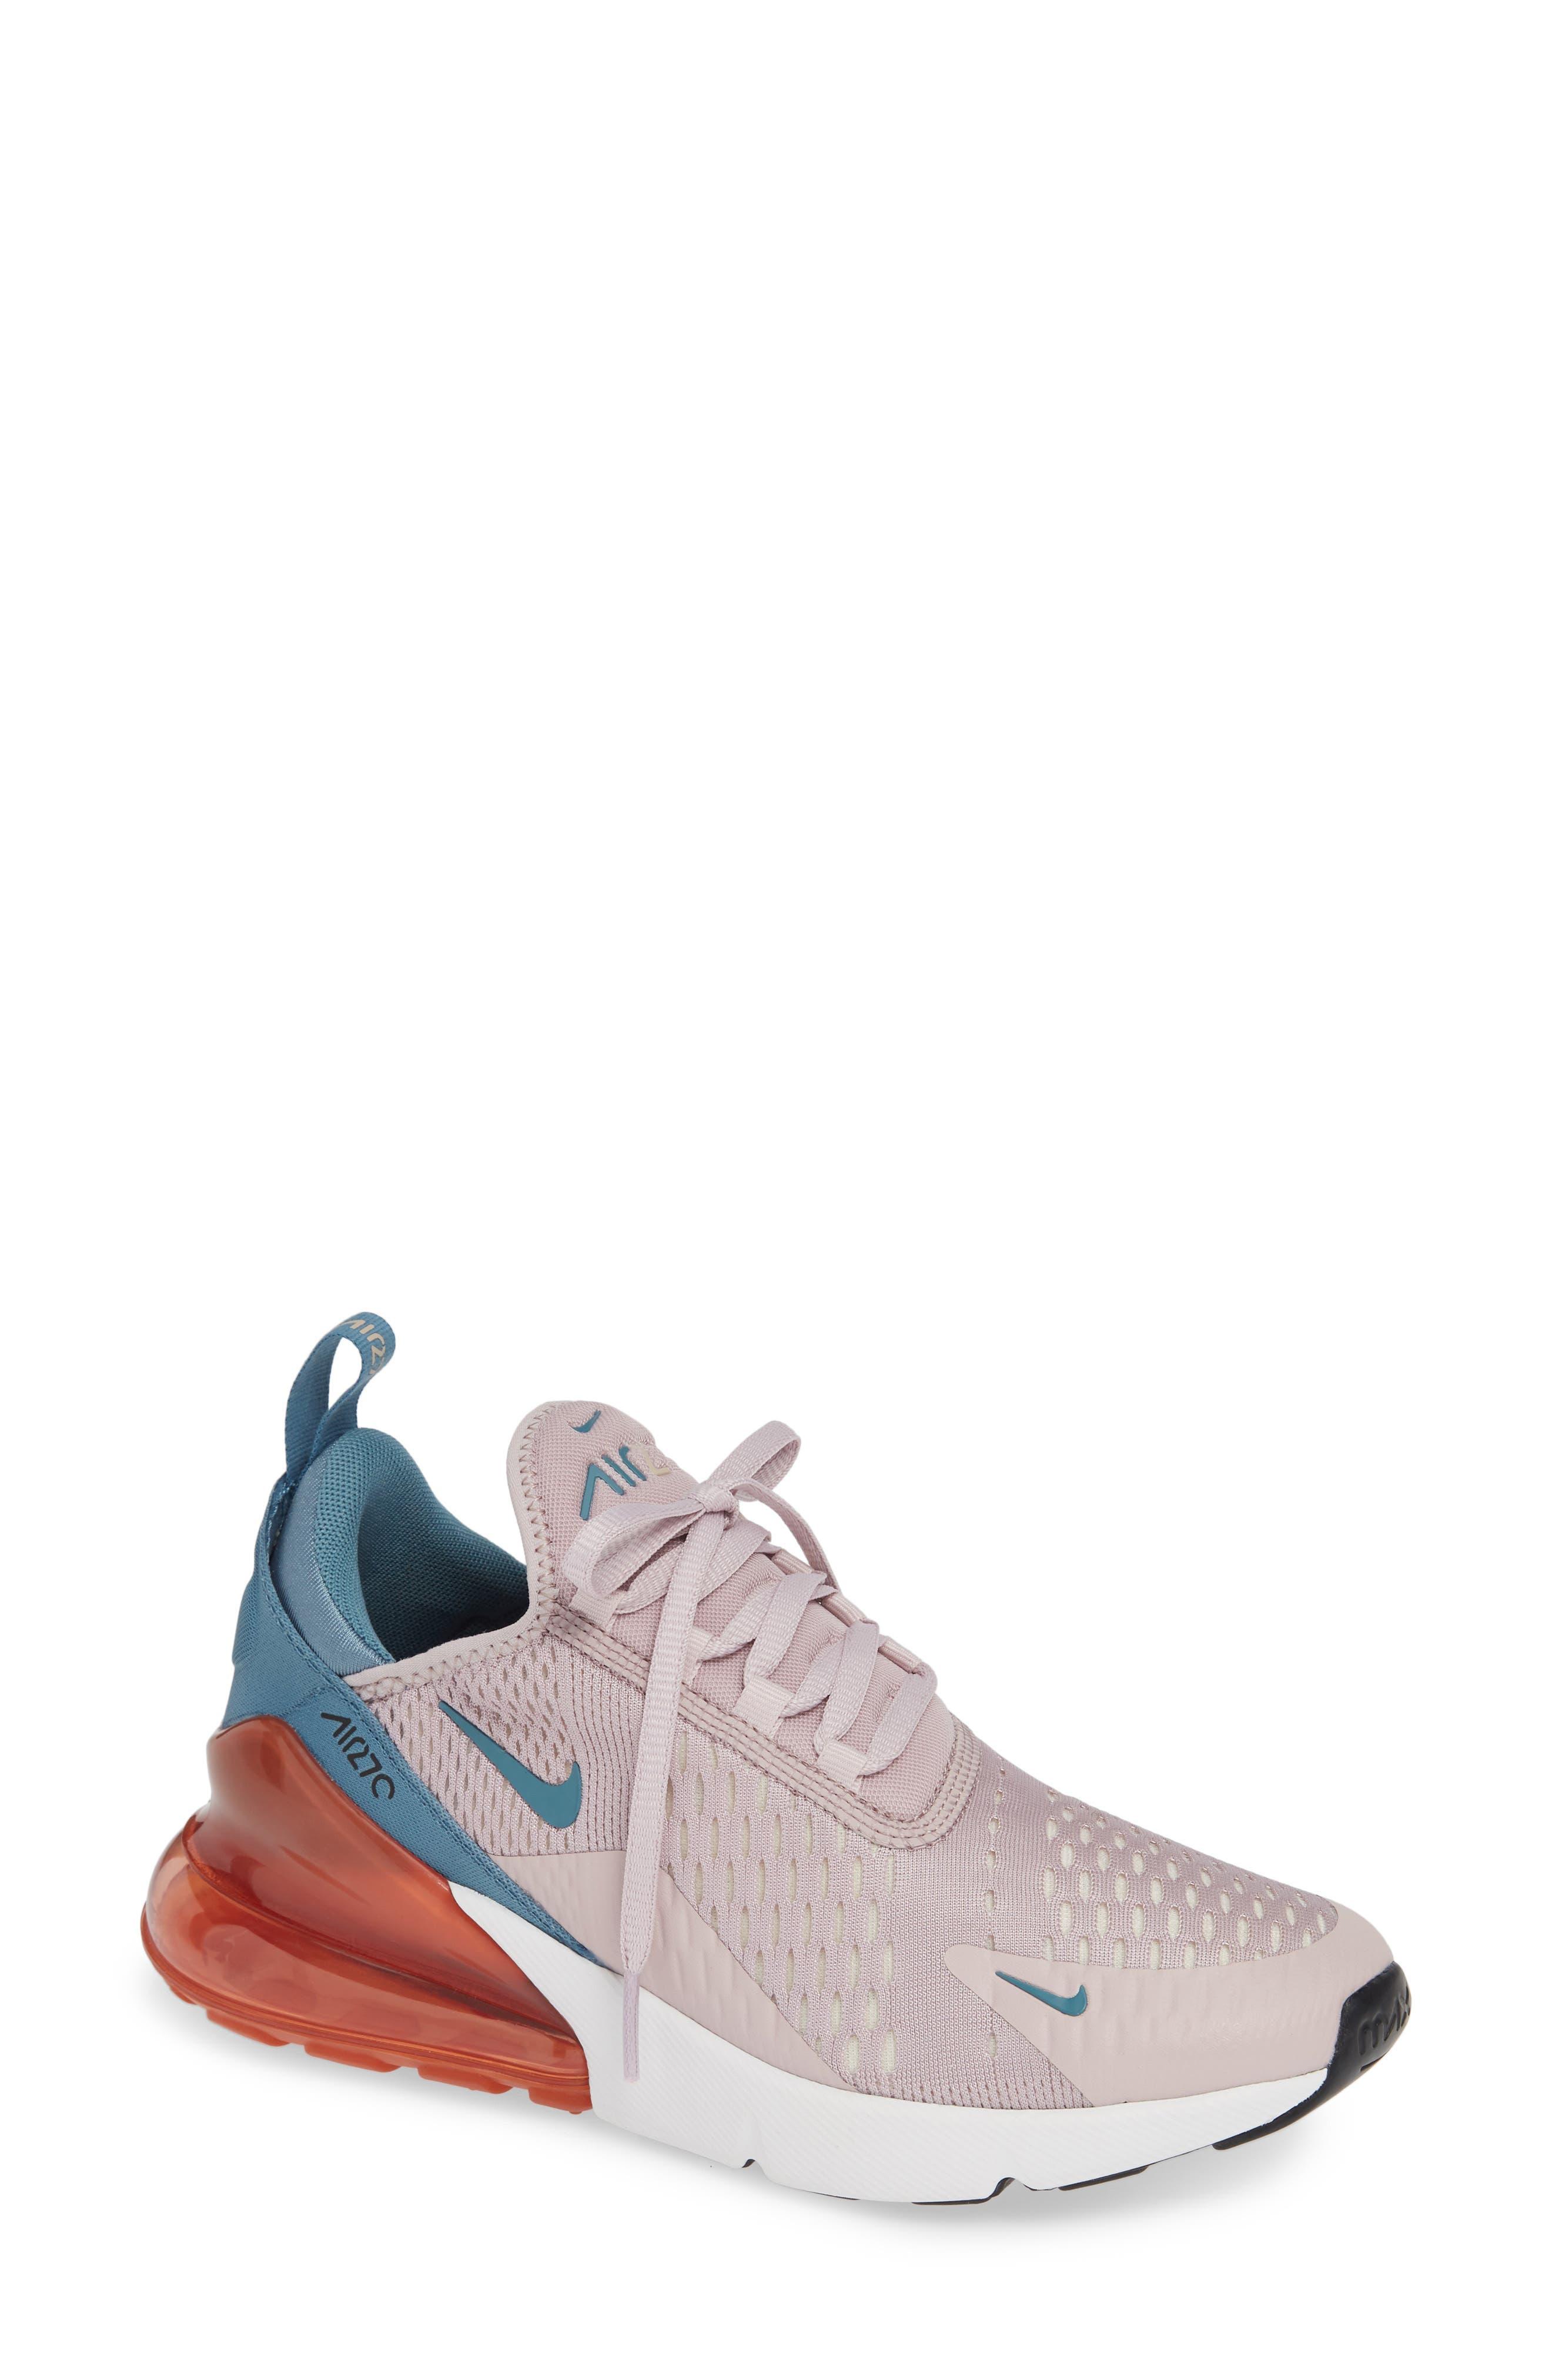 Air Max 270 Premium Sneaker,                             Main thumbnail 1, color,                             PARTICLE ROSE/ CELESTIAL TEAL